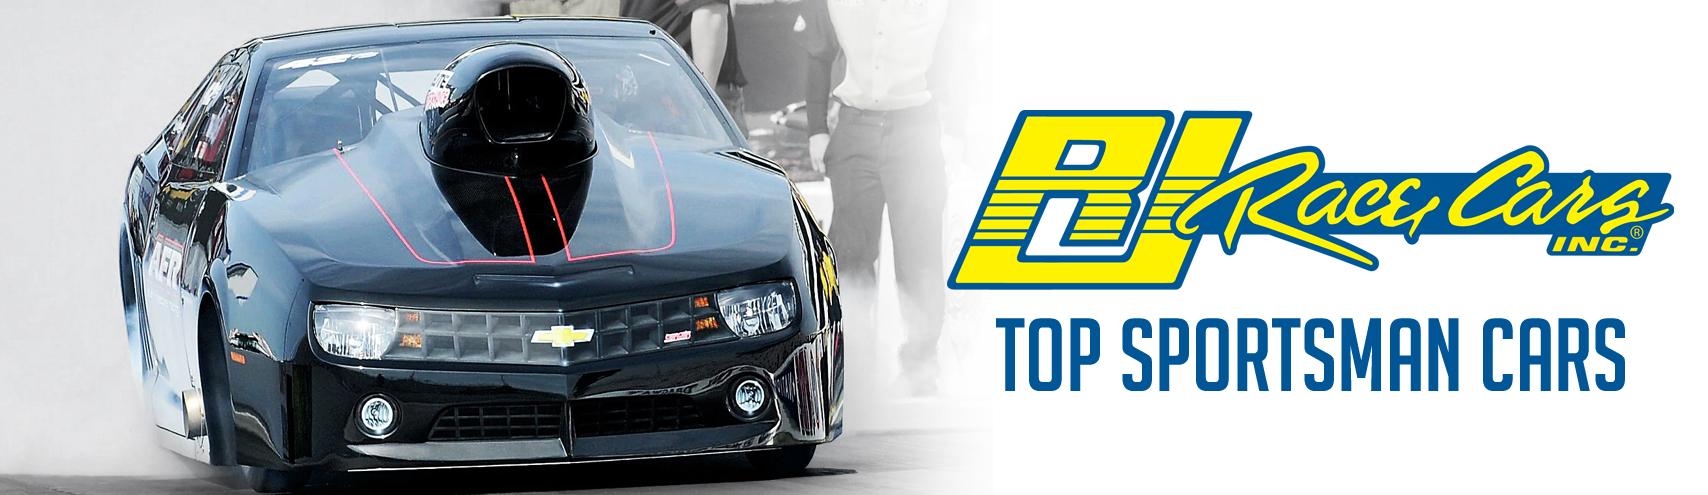 topsportsman-cars-banner.jpg